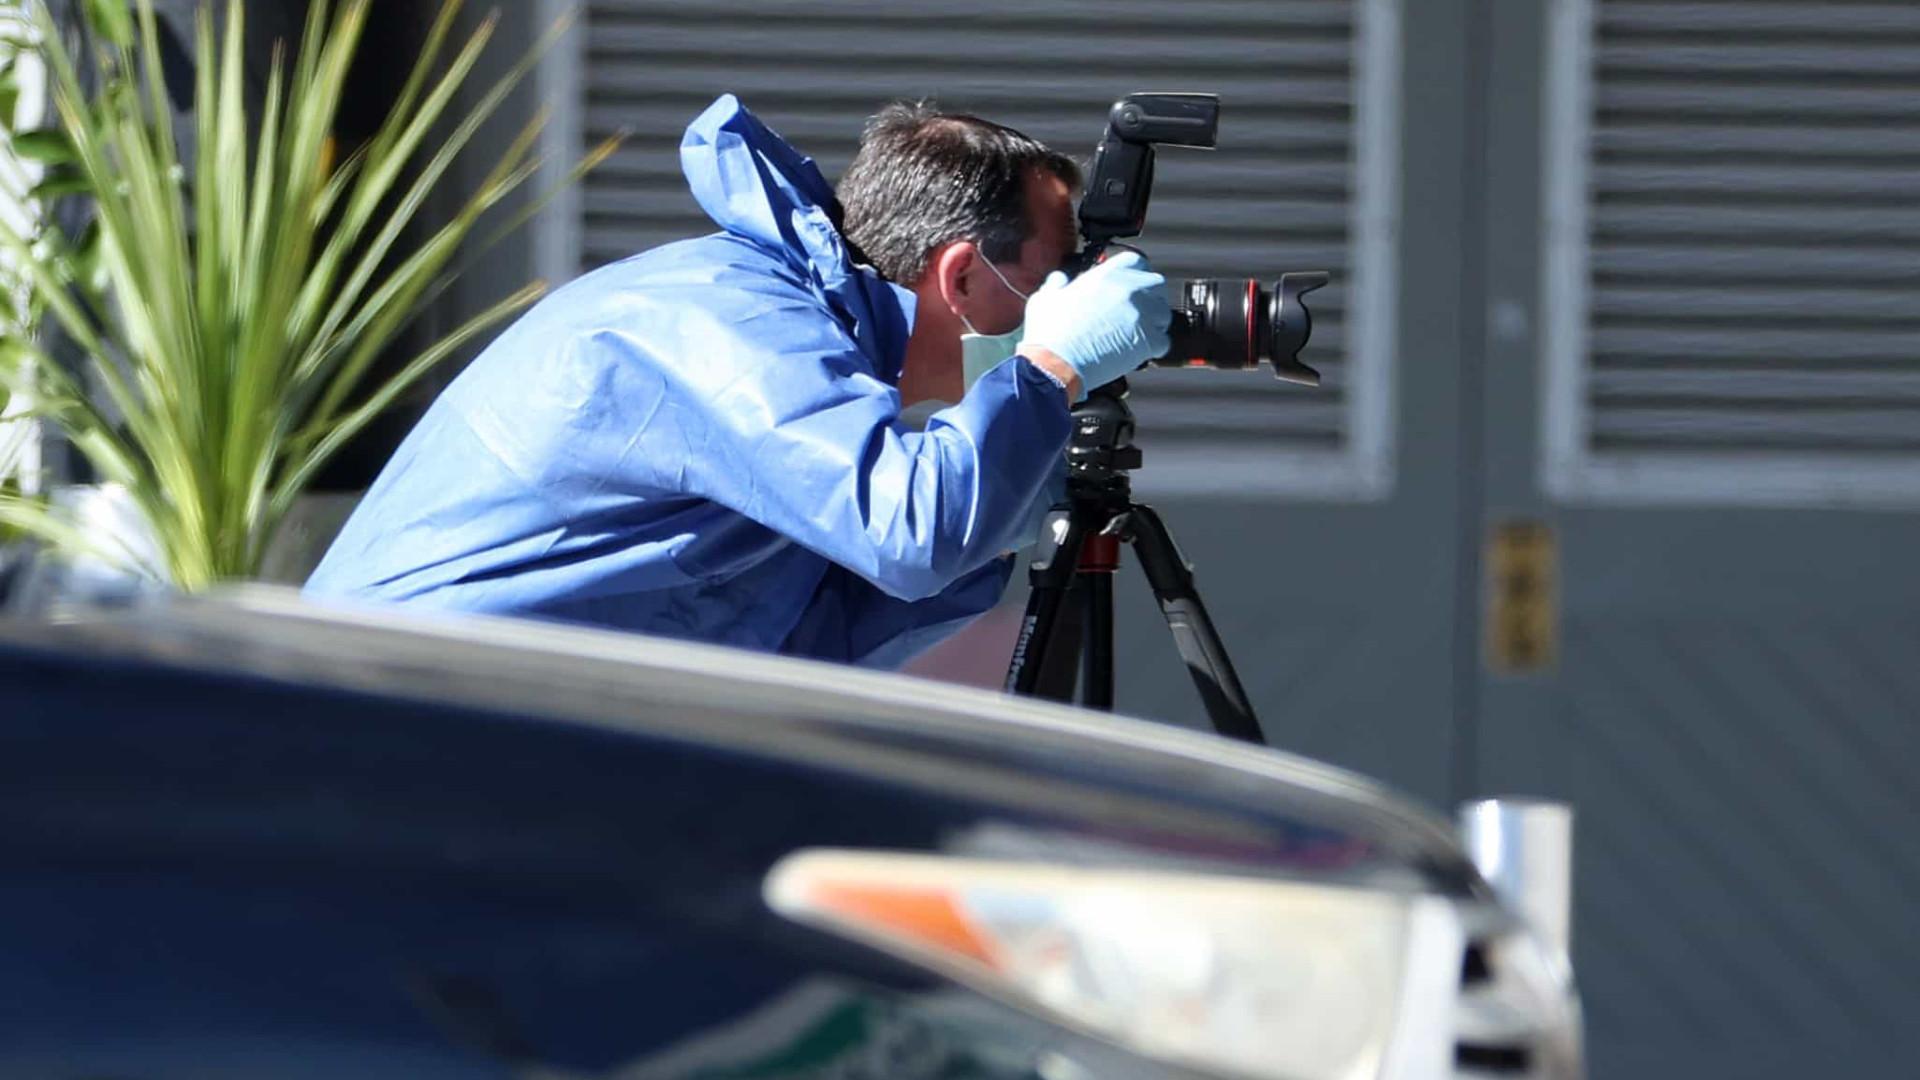 Polícia investiga homicídio de três crianças na Nova Zelândia